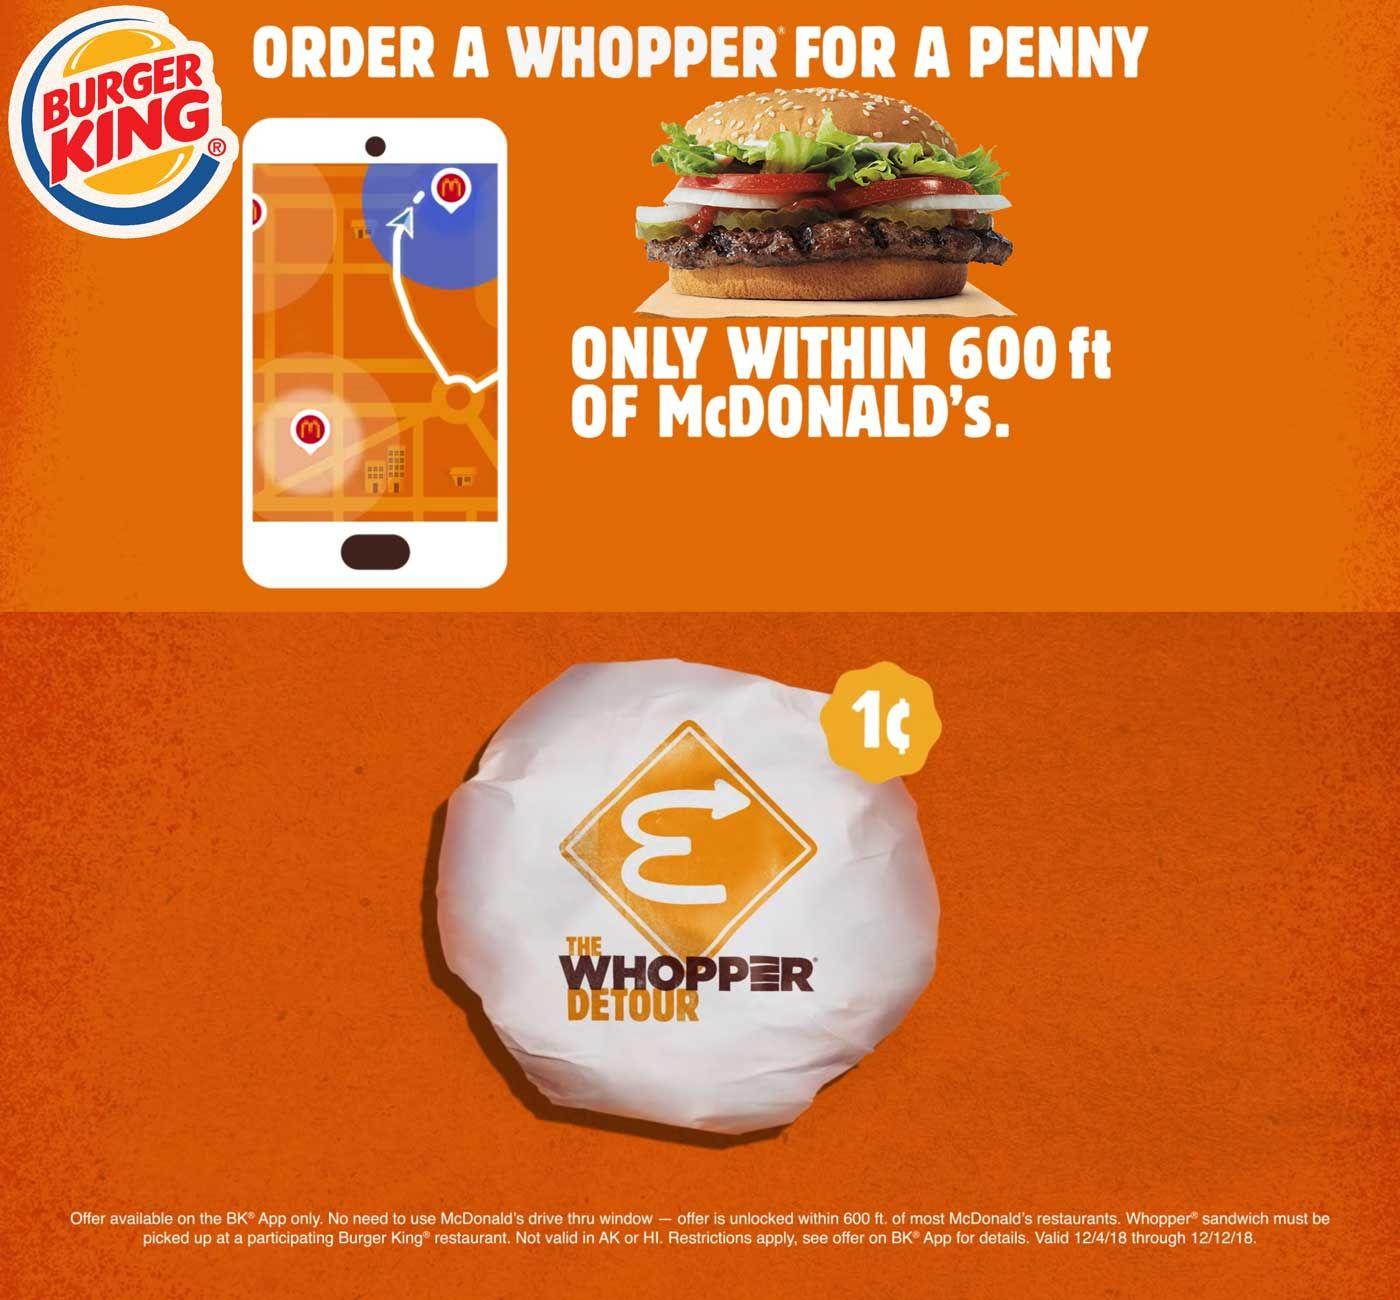 Take part in Burger King customer survey to win coupon